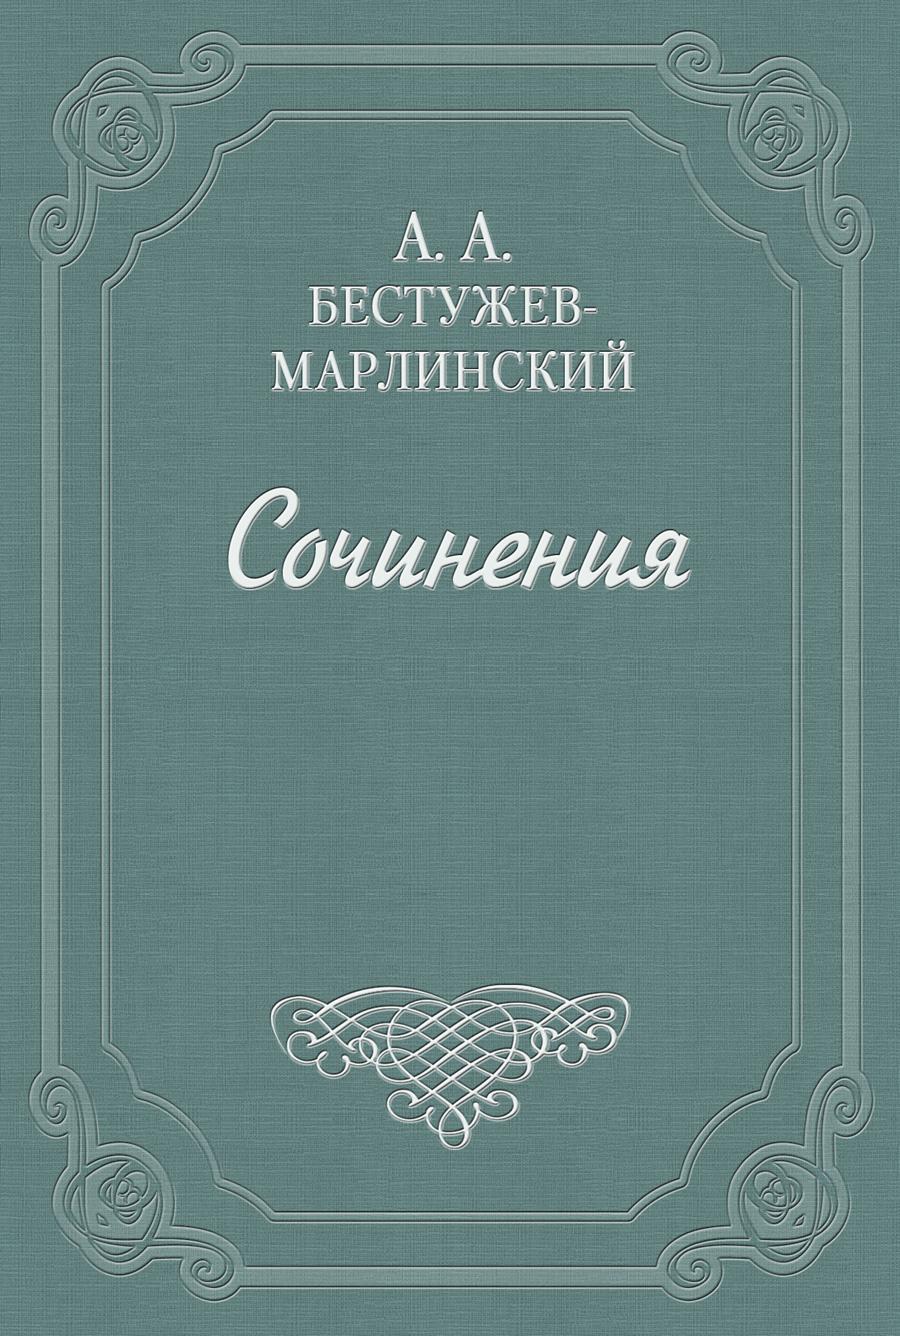 Александр Александрович Бестужев-Марлинский Роман в семи письмах новиков е б ах гусар я влюблена роман